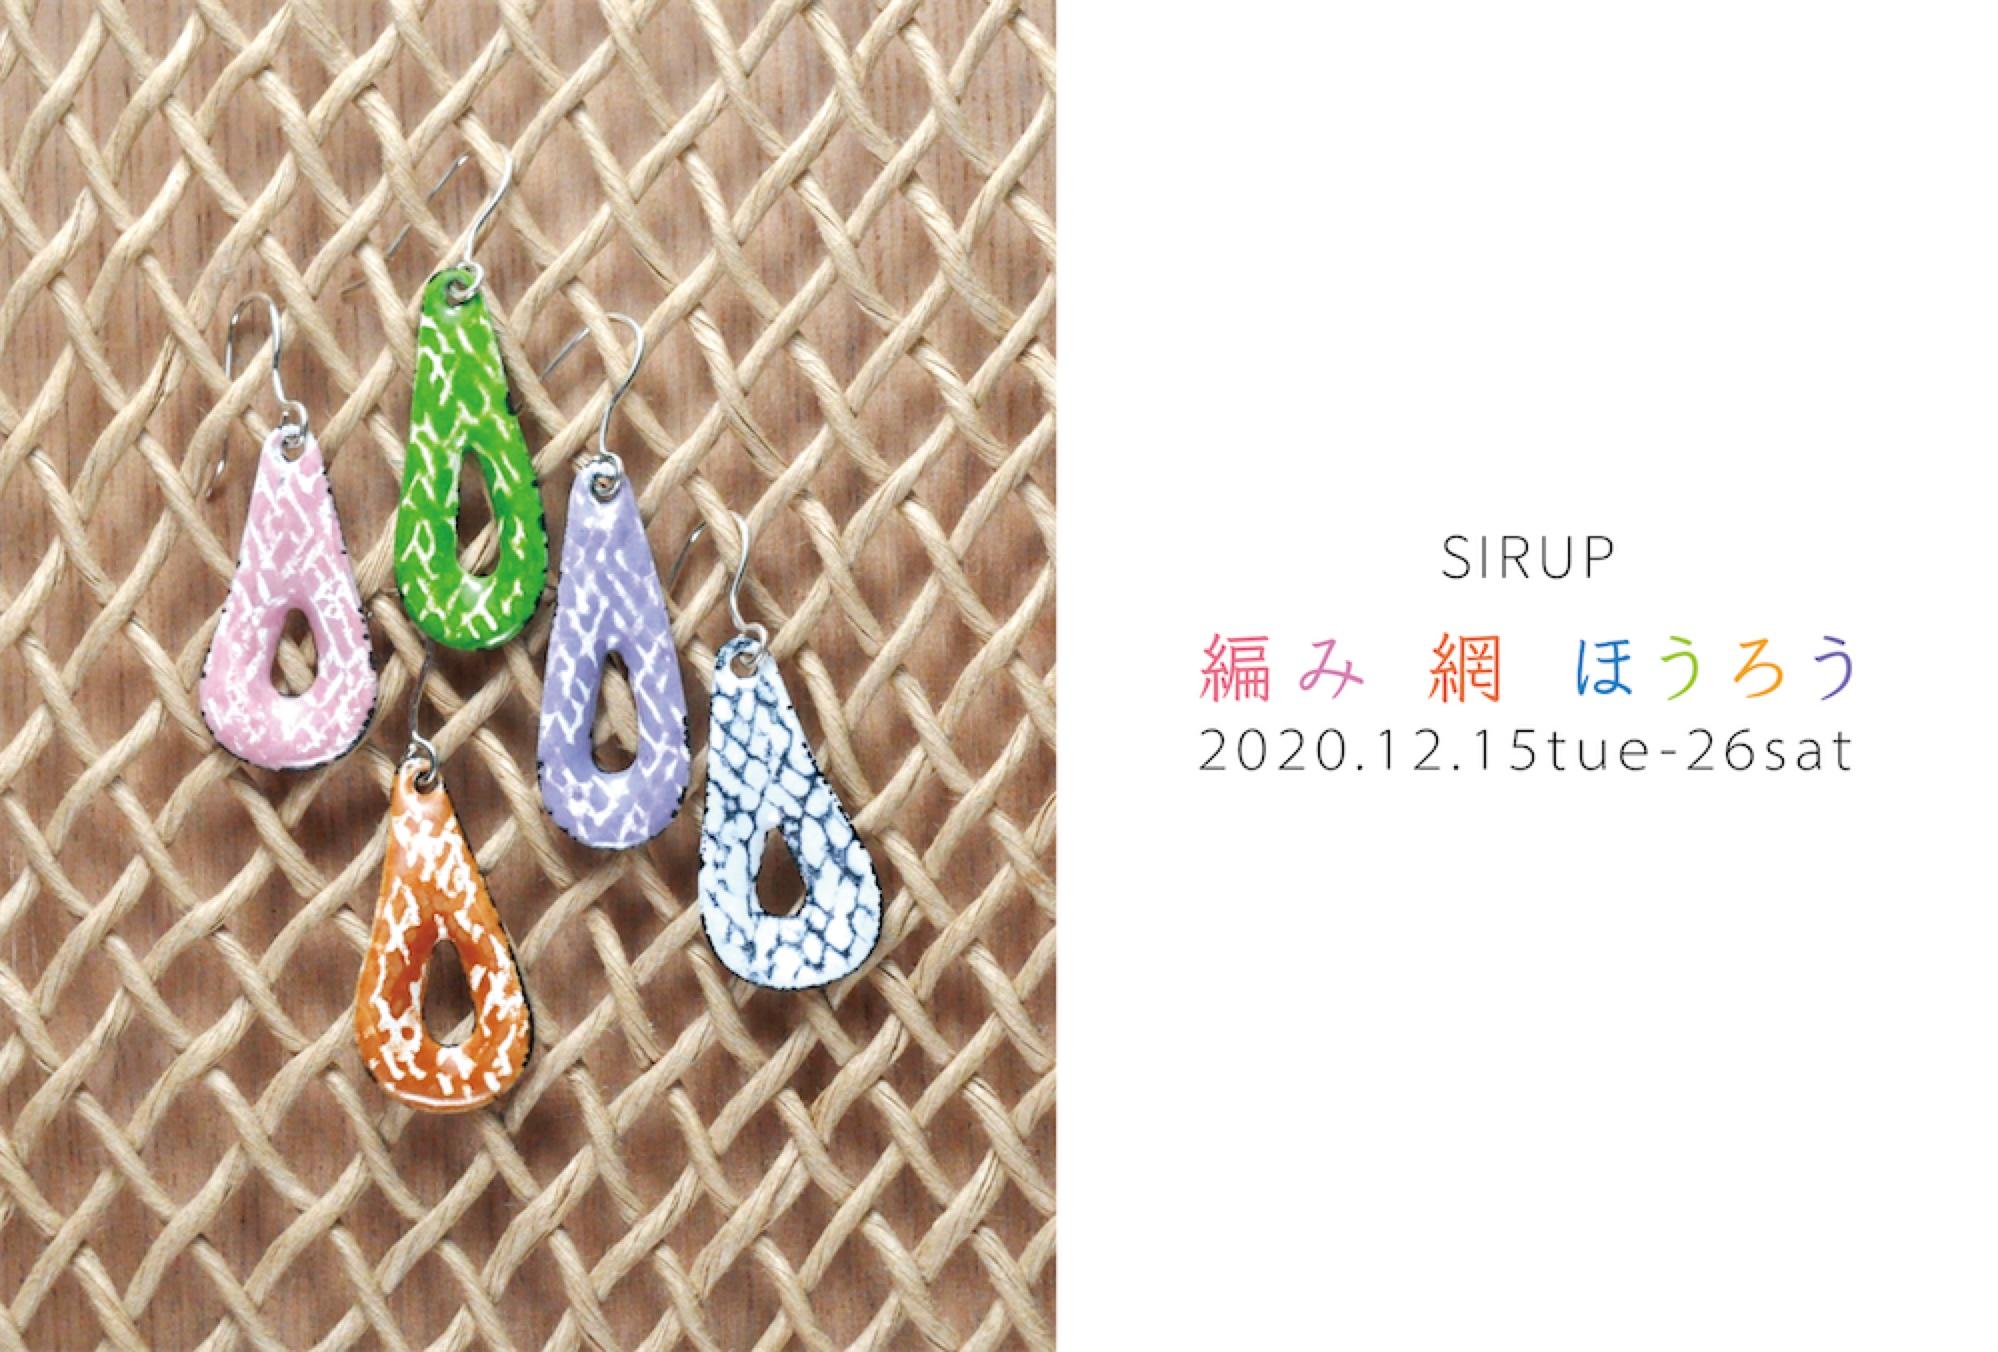 【店内イベント】SIRUP「編み 網 ほうろう」